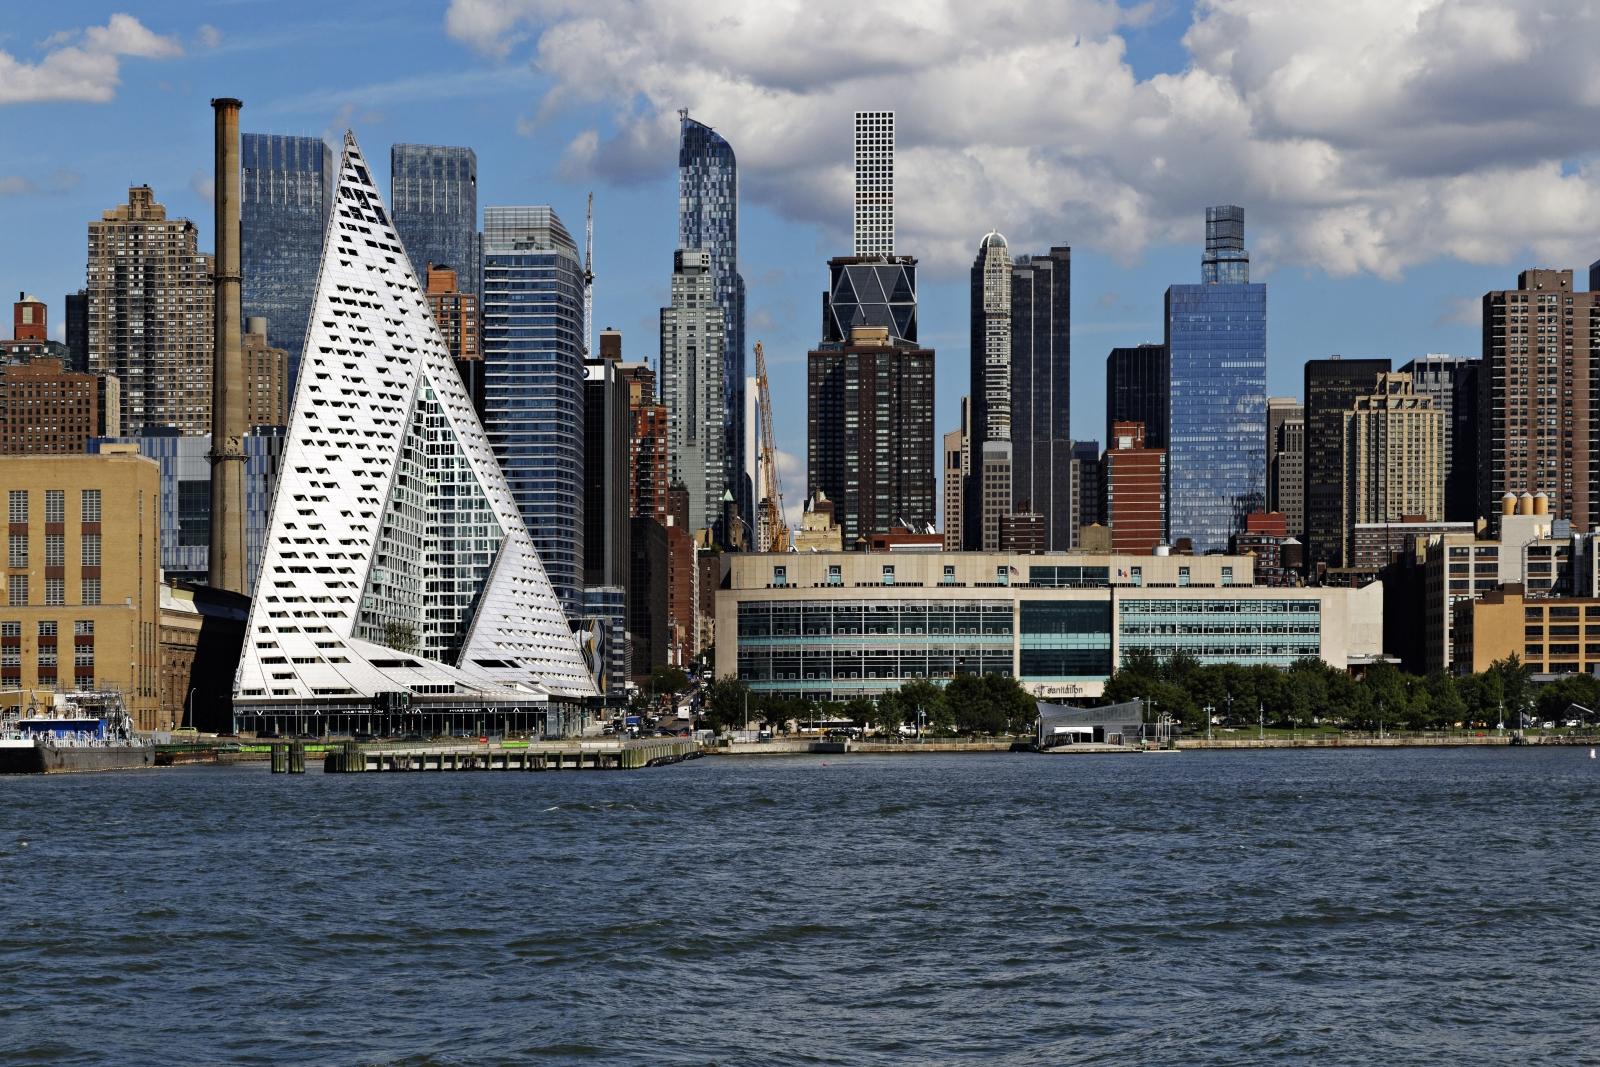 Außergewöhnliches Gebäude in New York gewinnt Hochhauspreis ...